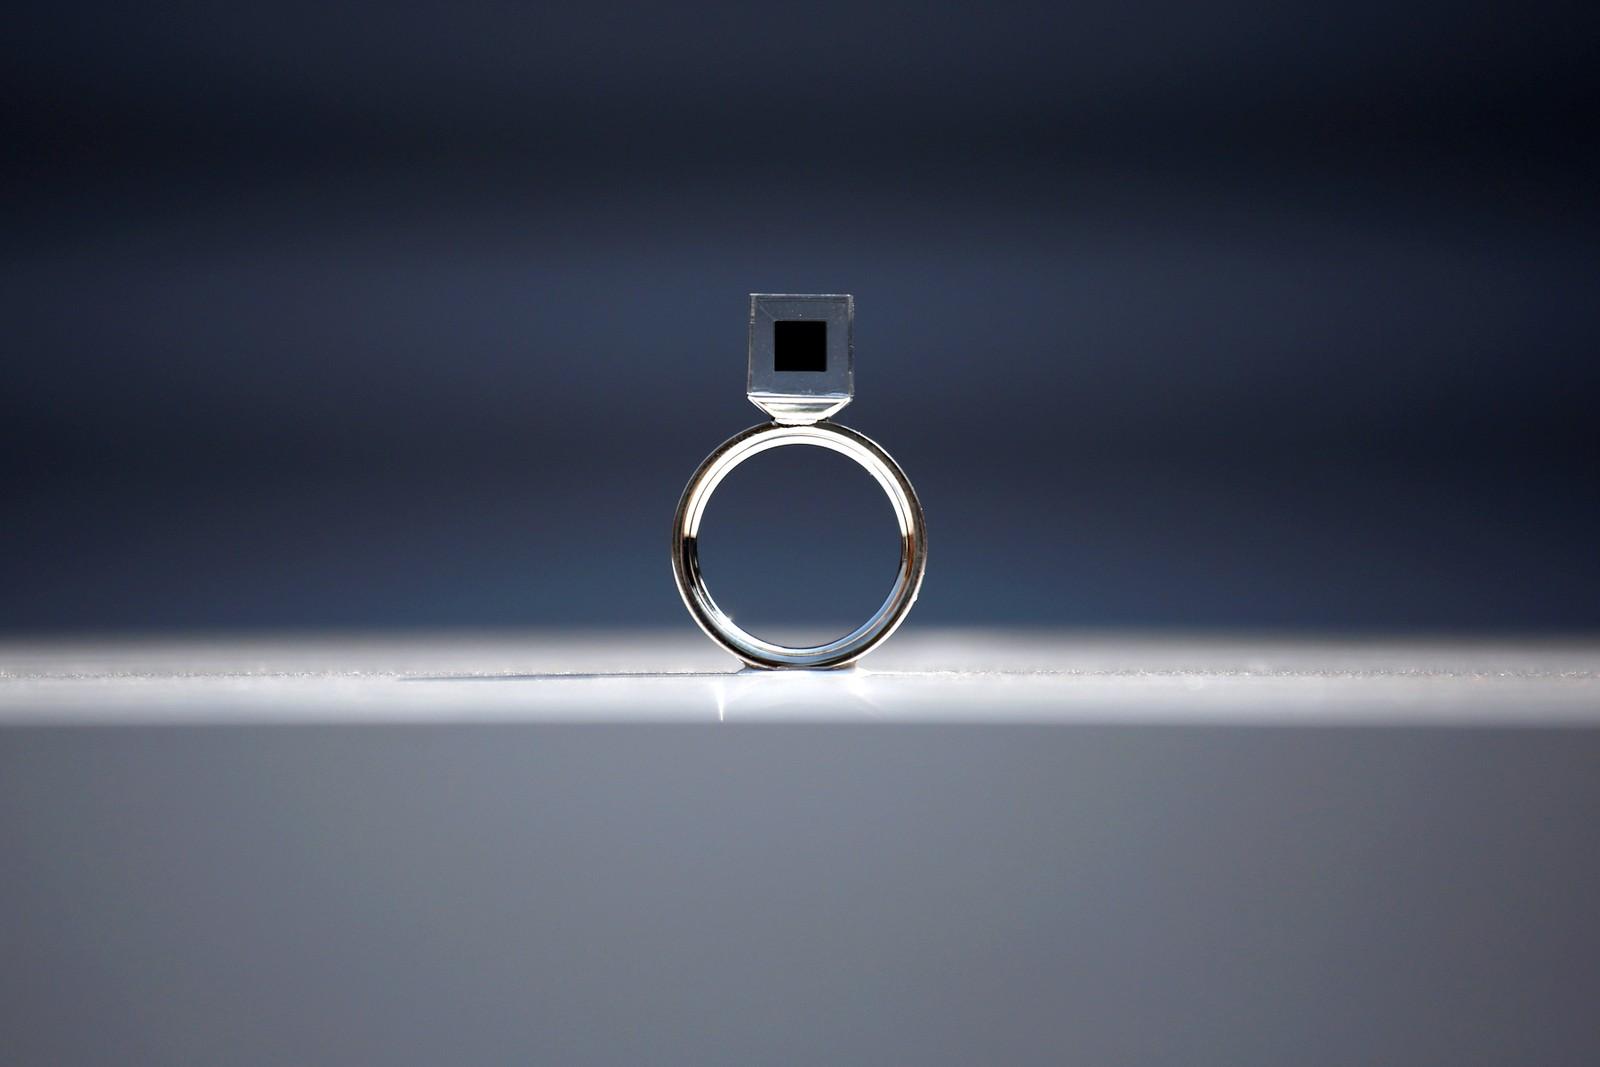 """Dette er """"The Smog Free Ring"""". Den er designet av den nederlandske kunstneren og oppfinneren Daan Roosgaarde, og er laget av smogpartikler som han har samlet med verdens største smogstøvsuger. Ringen er en del av en utstilling kalt the """"The Smog Free Project i Beijing i Kina."""